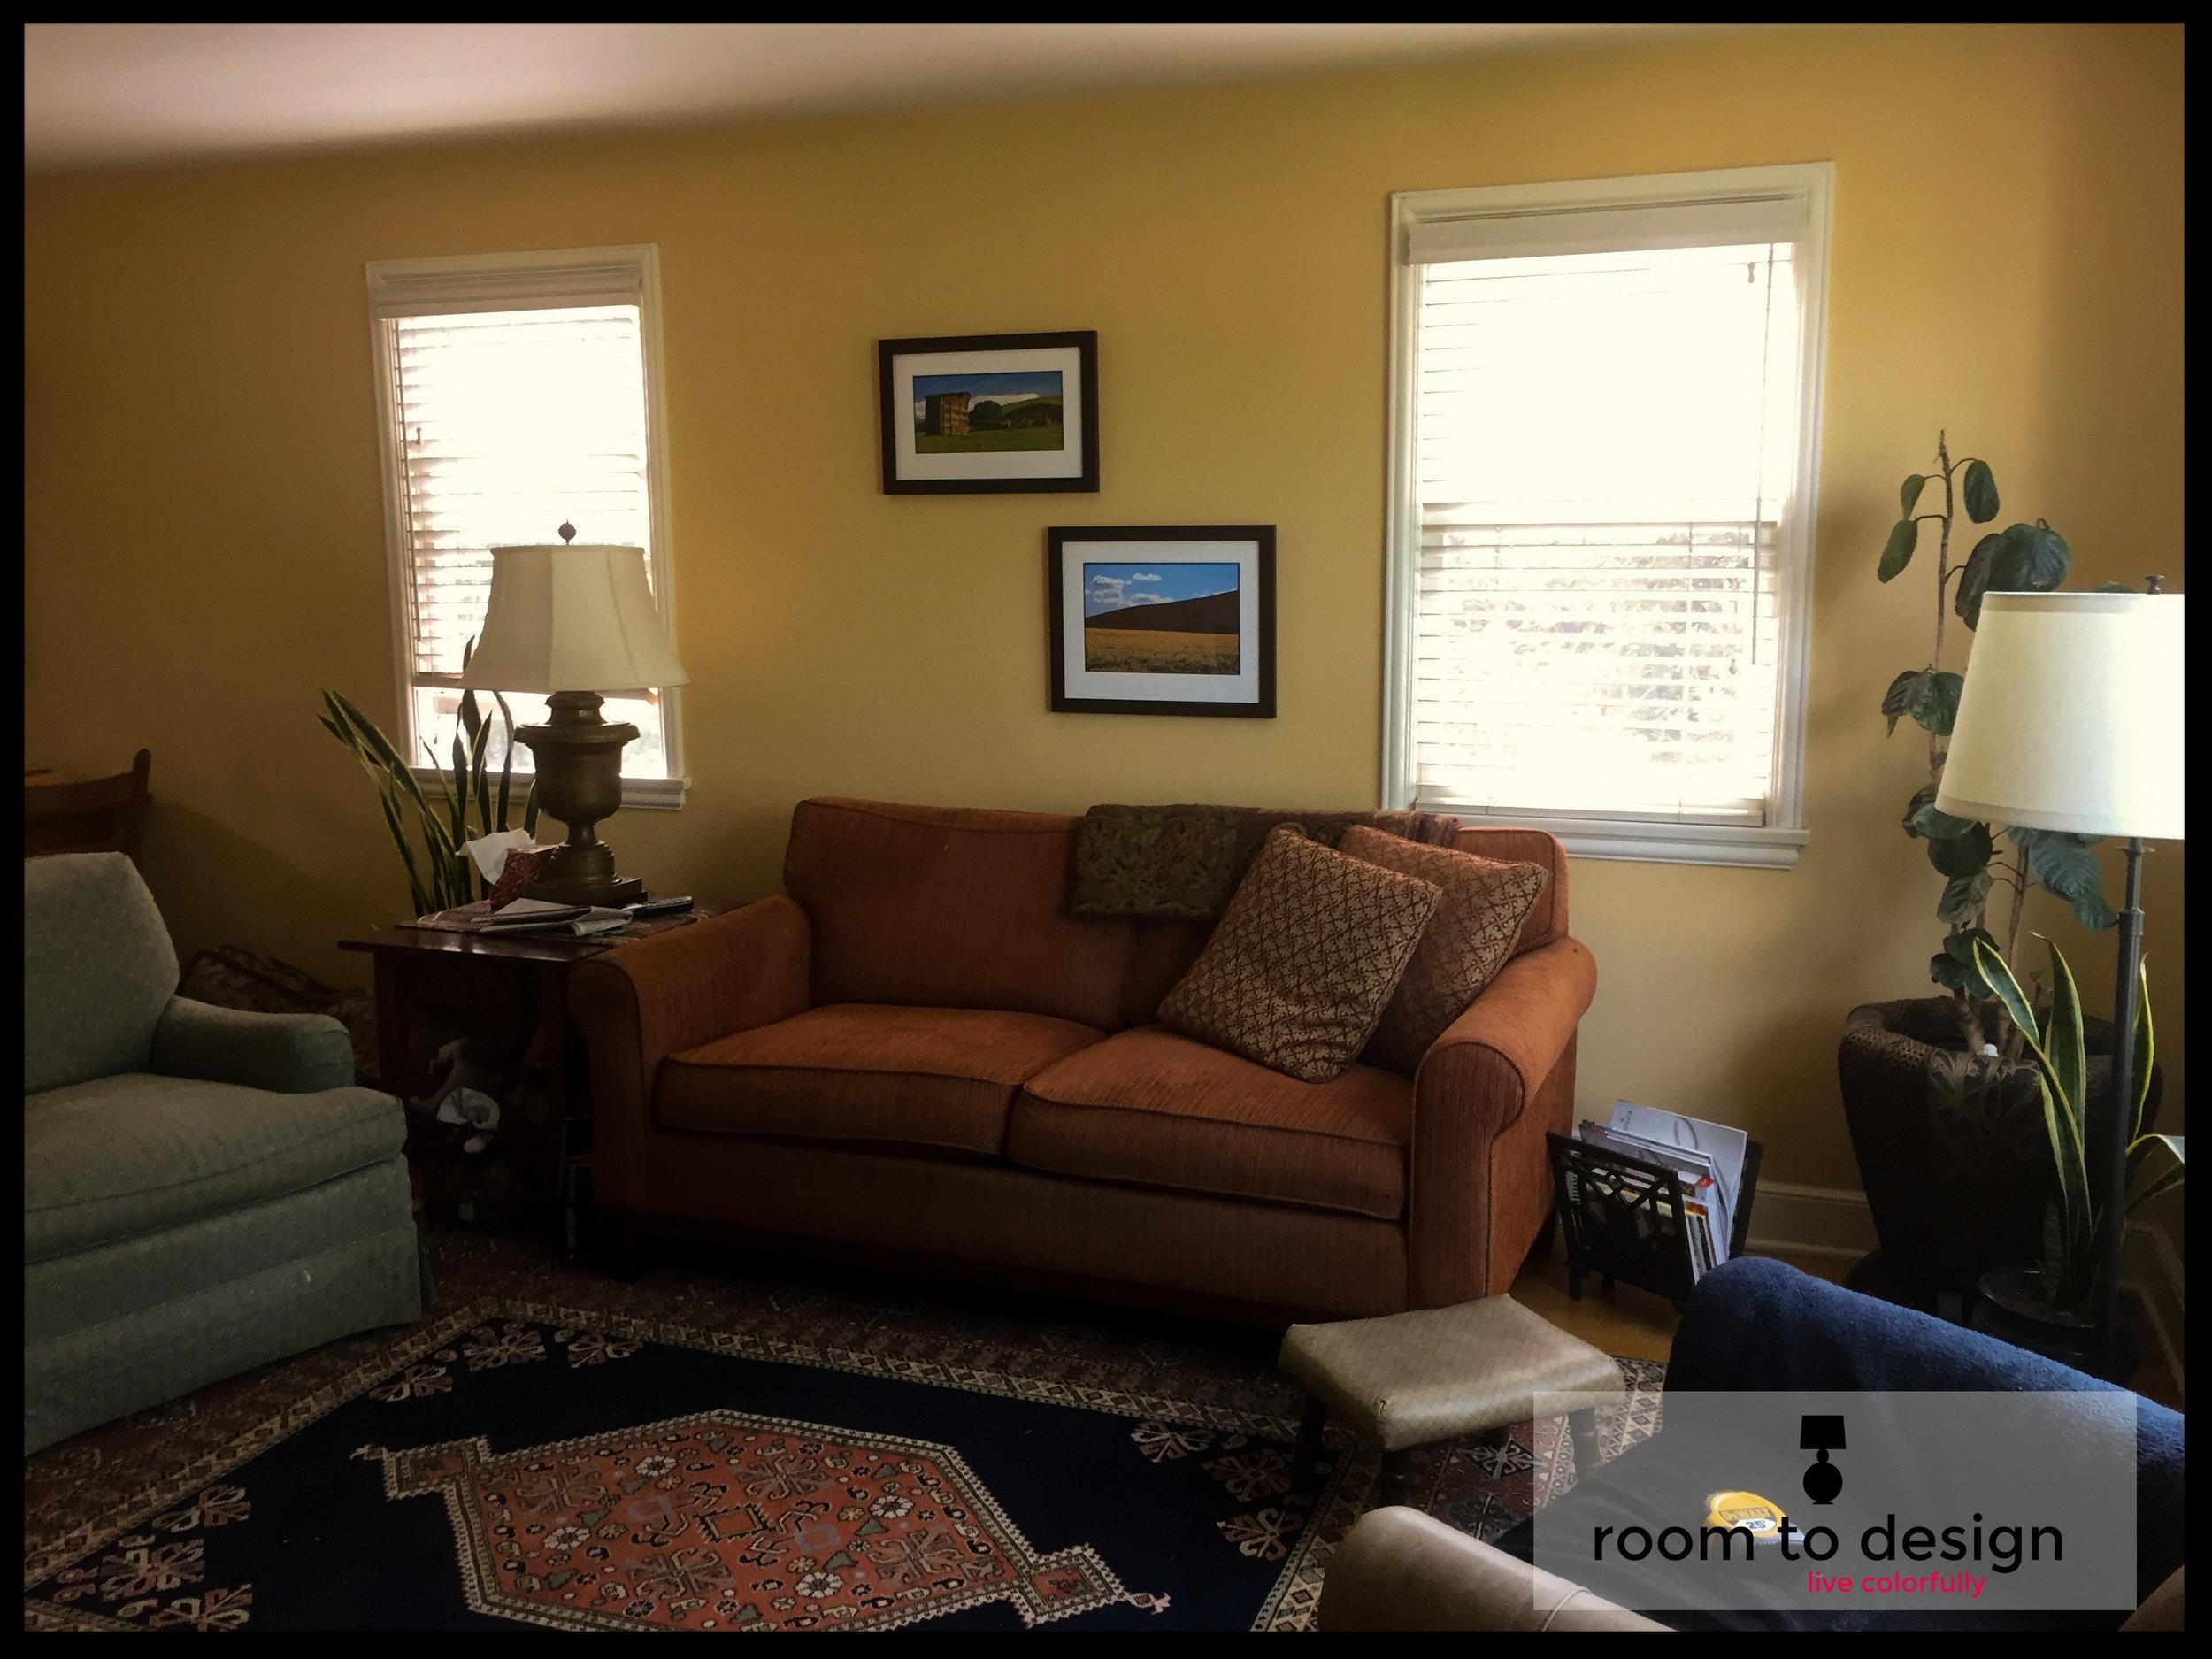 seattle_livingroom_makeover_before.jpg